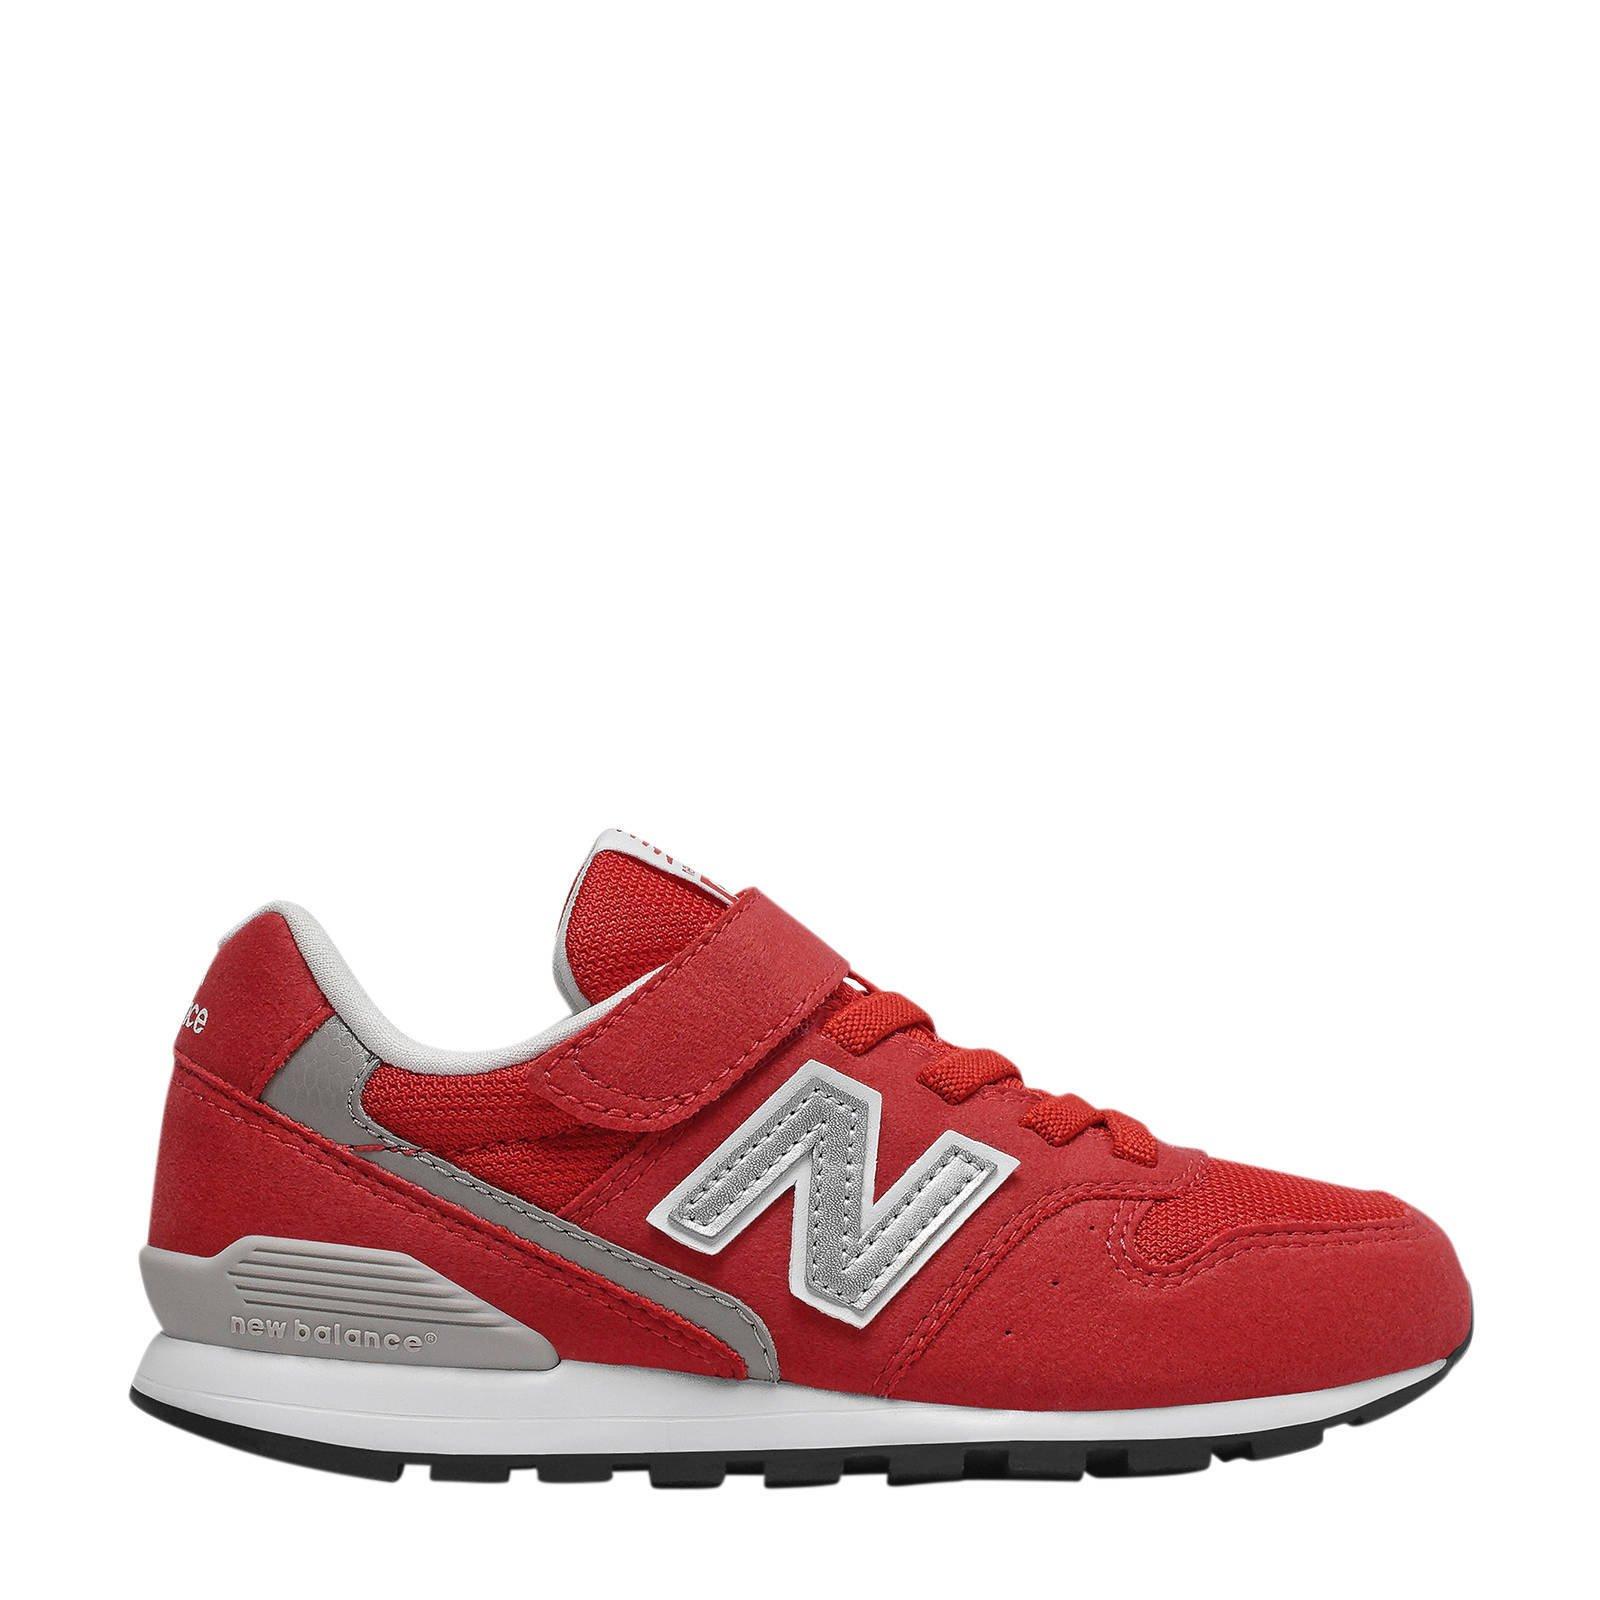 New Balance 996 sneakers rood/zilver   wehkamp